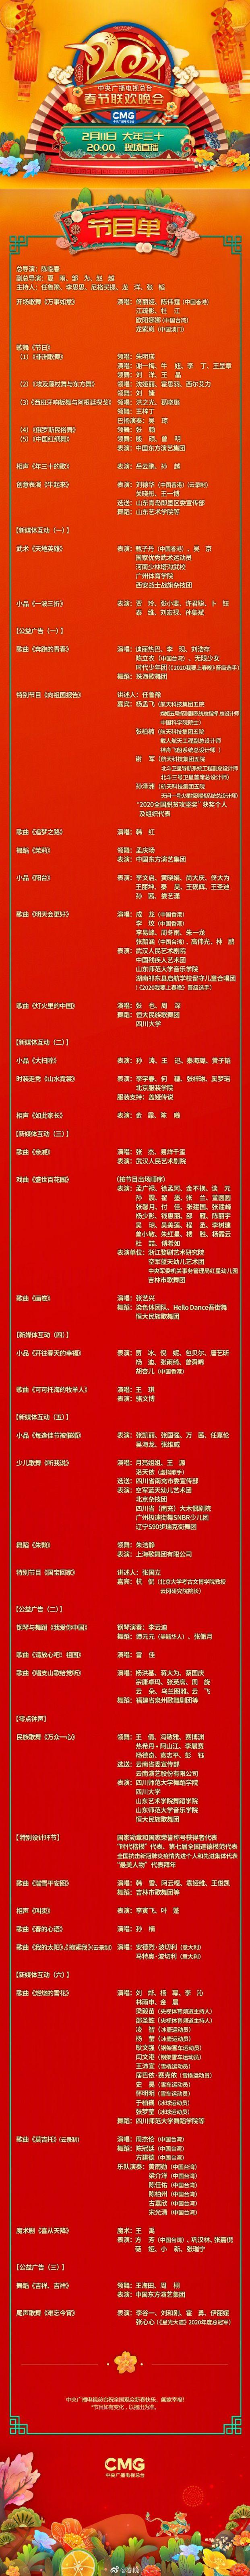 2021央視春晚節目單及演員名單一覽